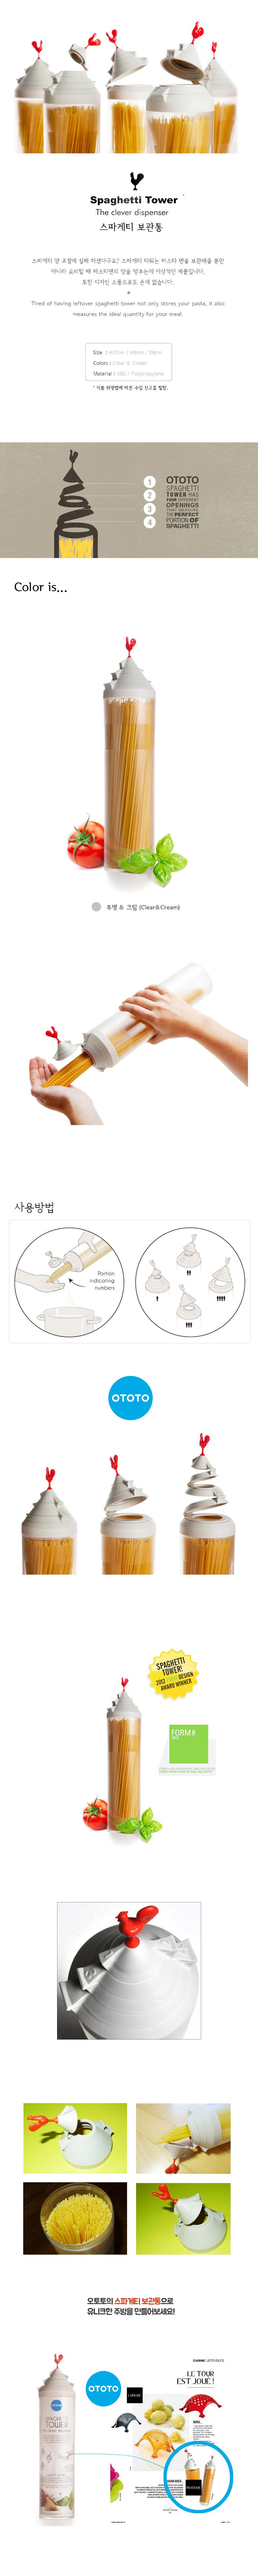 Ototo Spaghetti Tower 꼬꼬댁 스파게티 면 보관통 - 집잇, 29,900원, 밀폐/보관용기, 반찬/밀폐용기